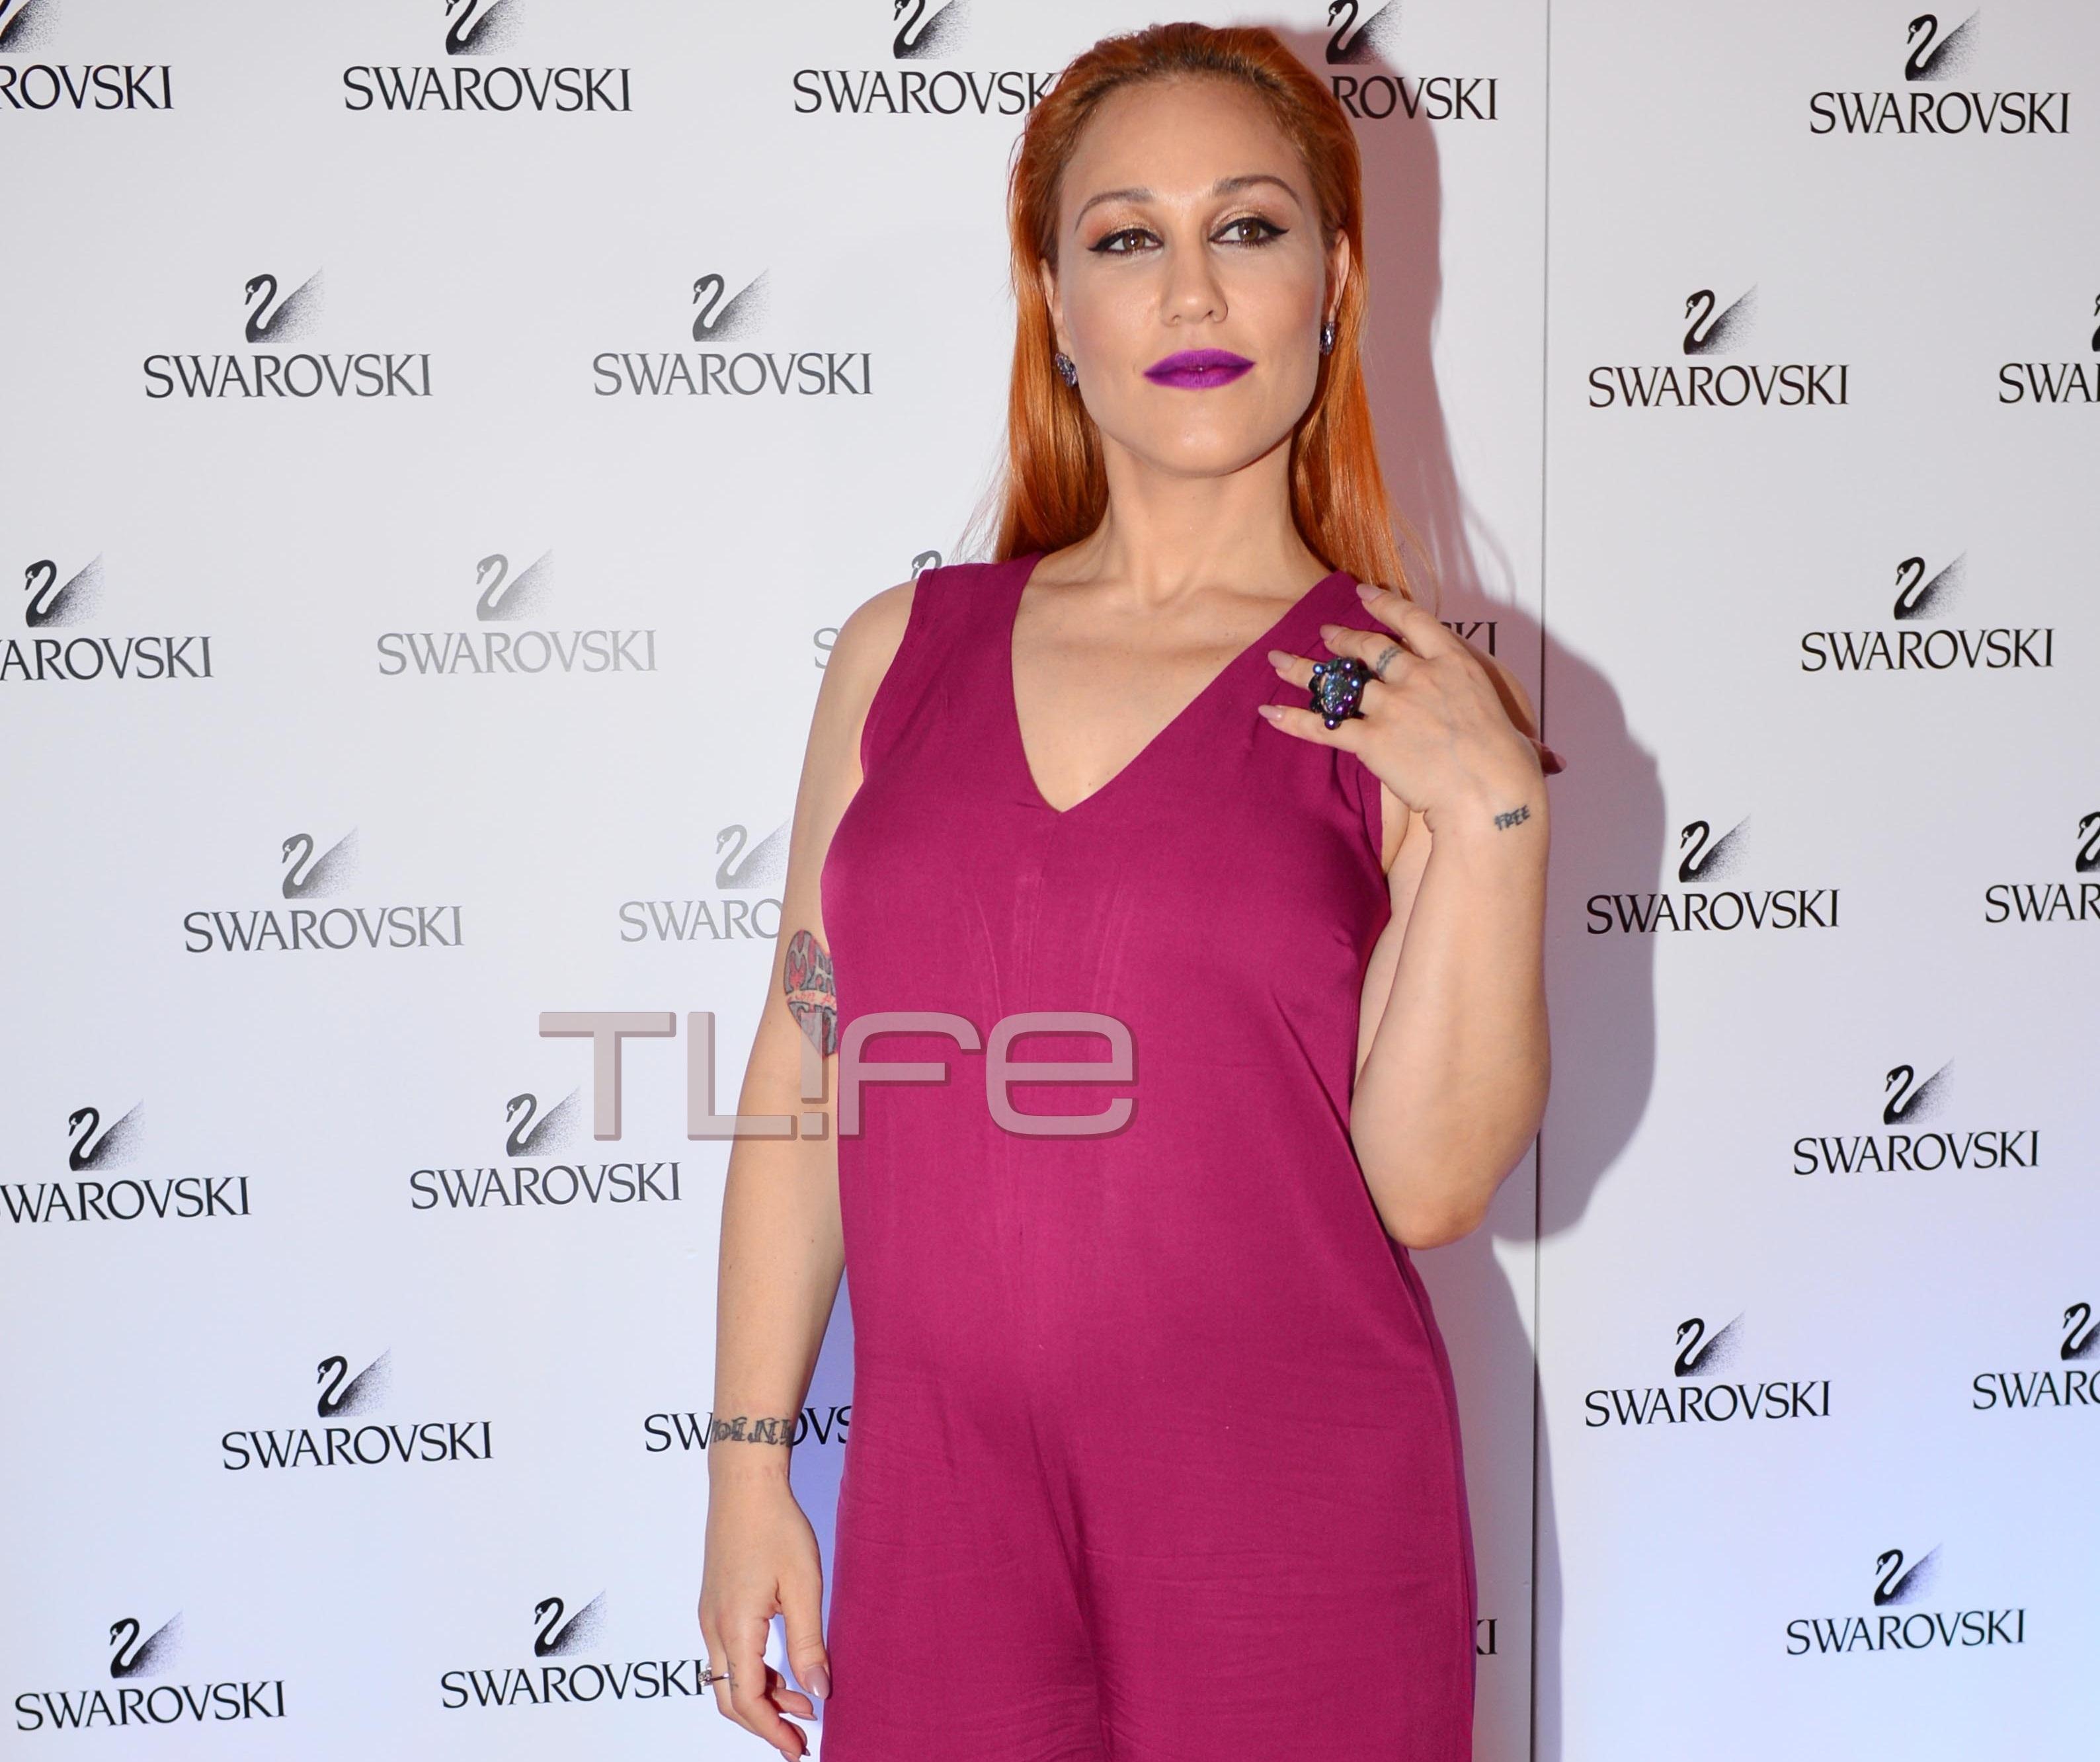 Πηνελόπη Αναστασοπούλου: Εντυπωσιακή εμφάνιση διανύοντας τη δεύτερη εγκυμοσύνη της! [pics] | tlife.gr